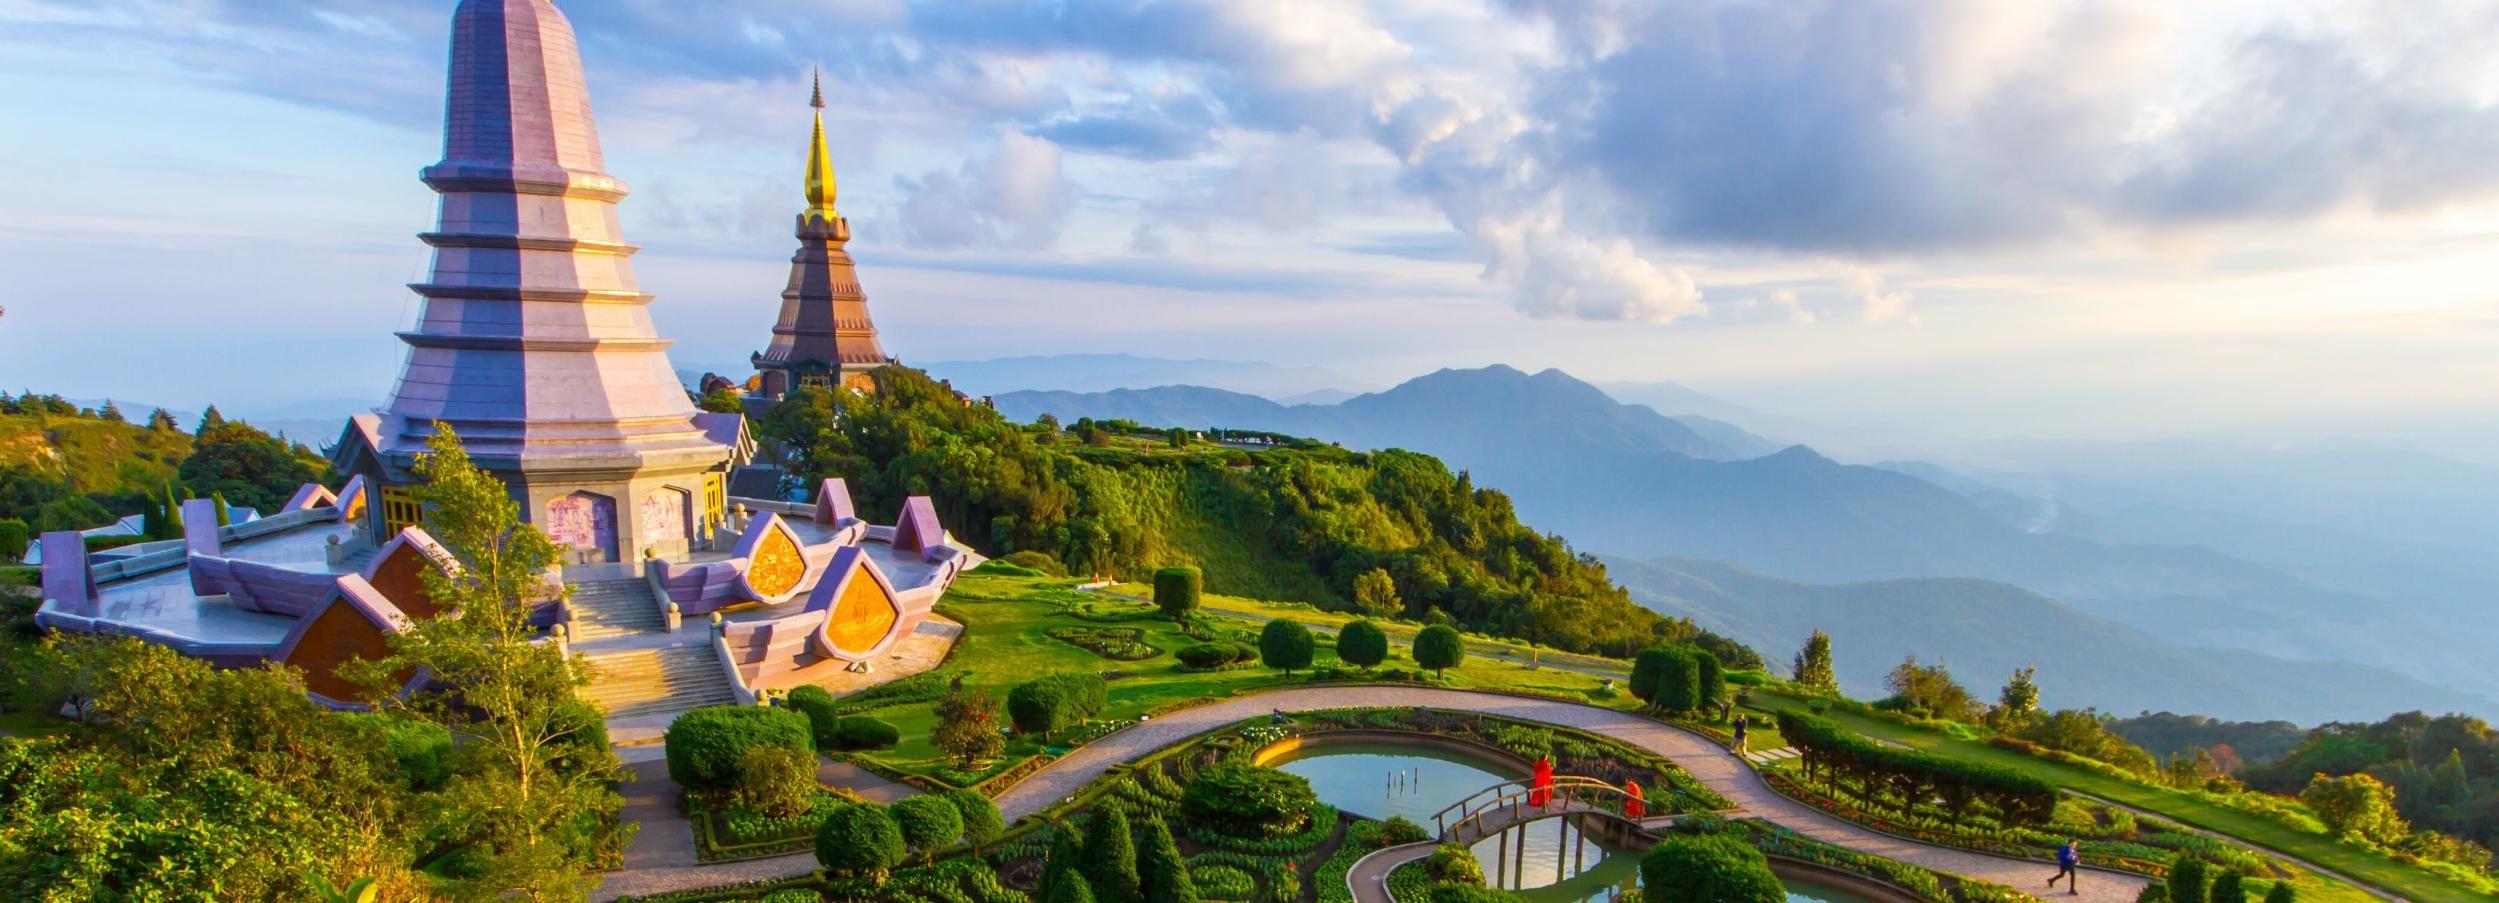 Parque nacional Doi Inthanon: tour de 1 día (grupo reducido)